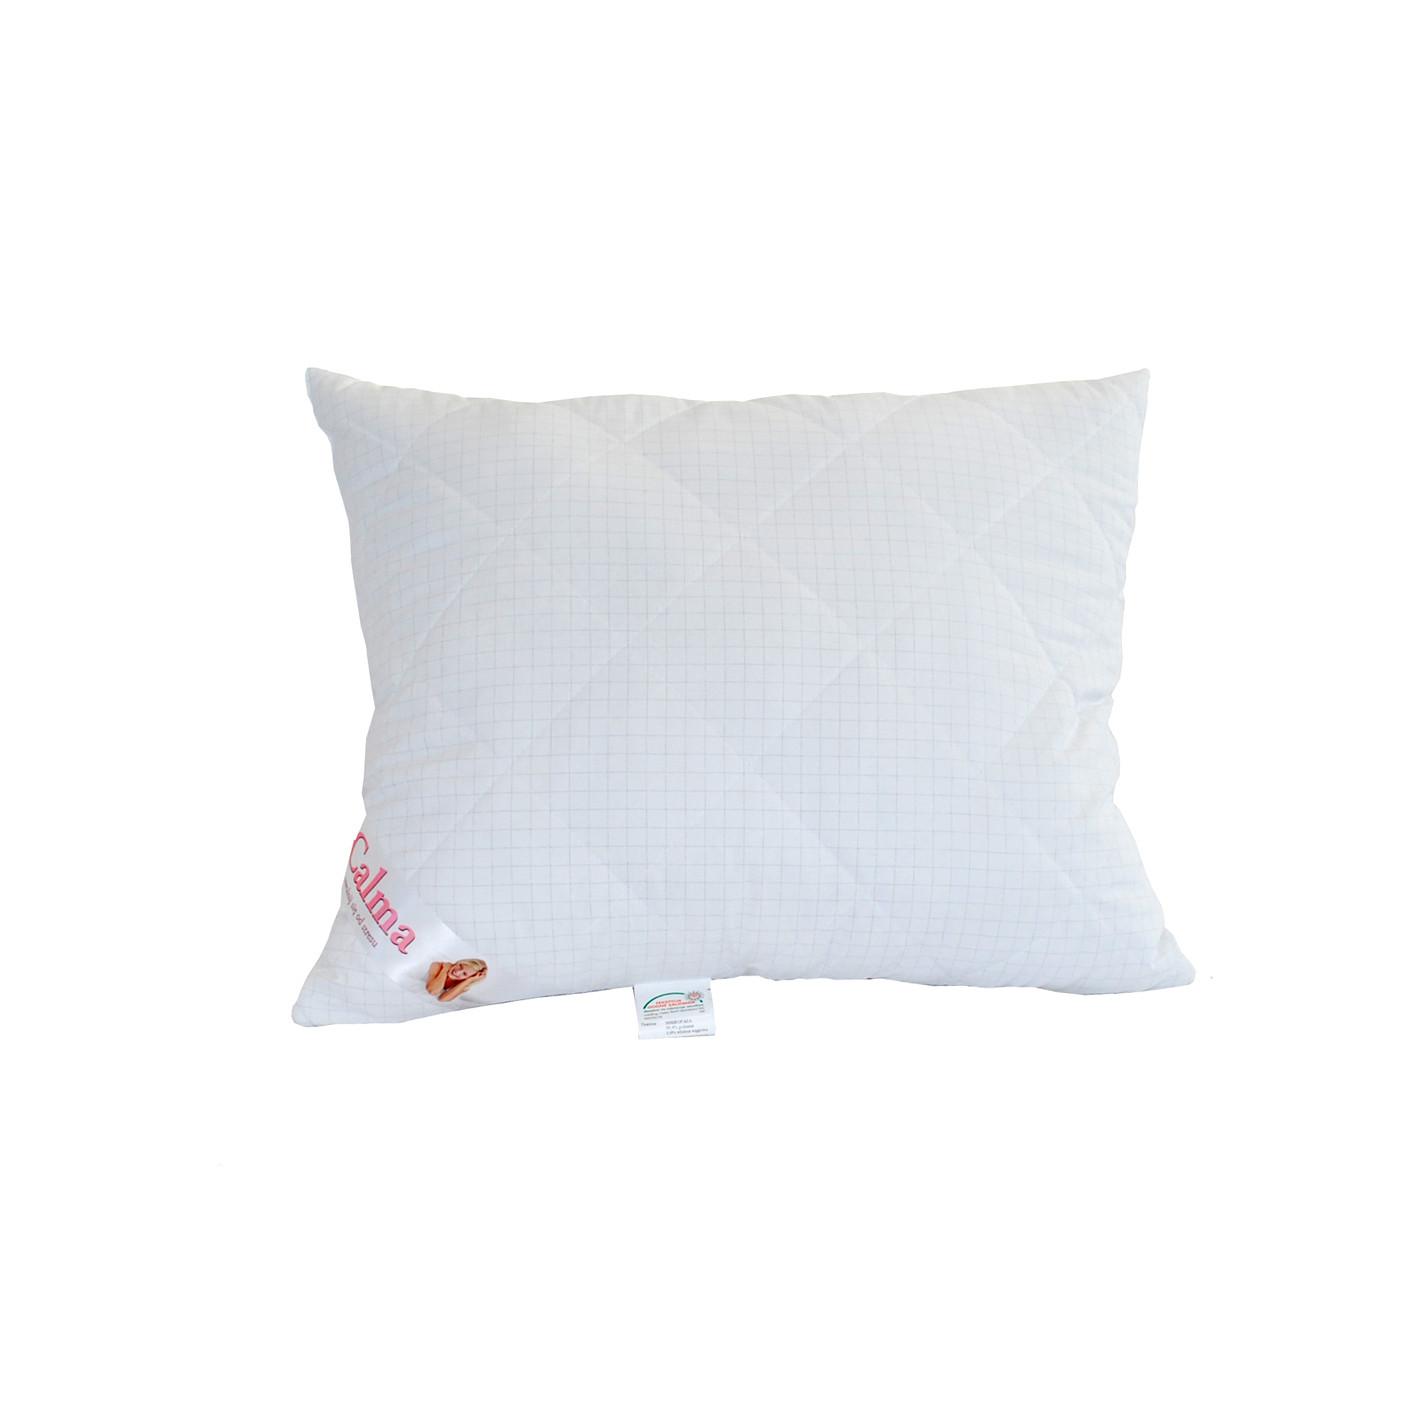 Poduszka Calma pikowana z zamkiem 50x70